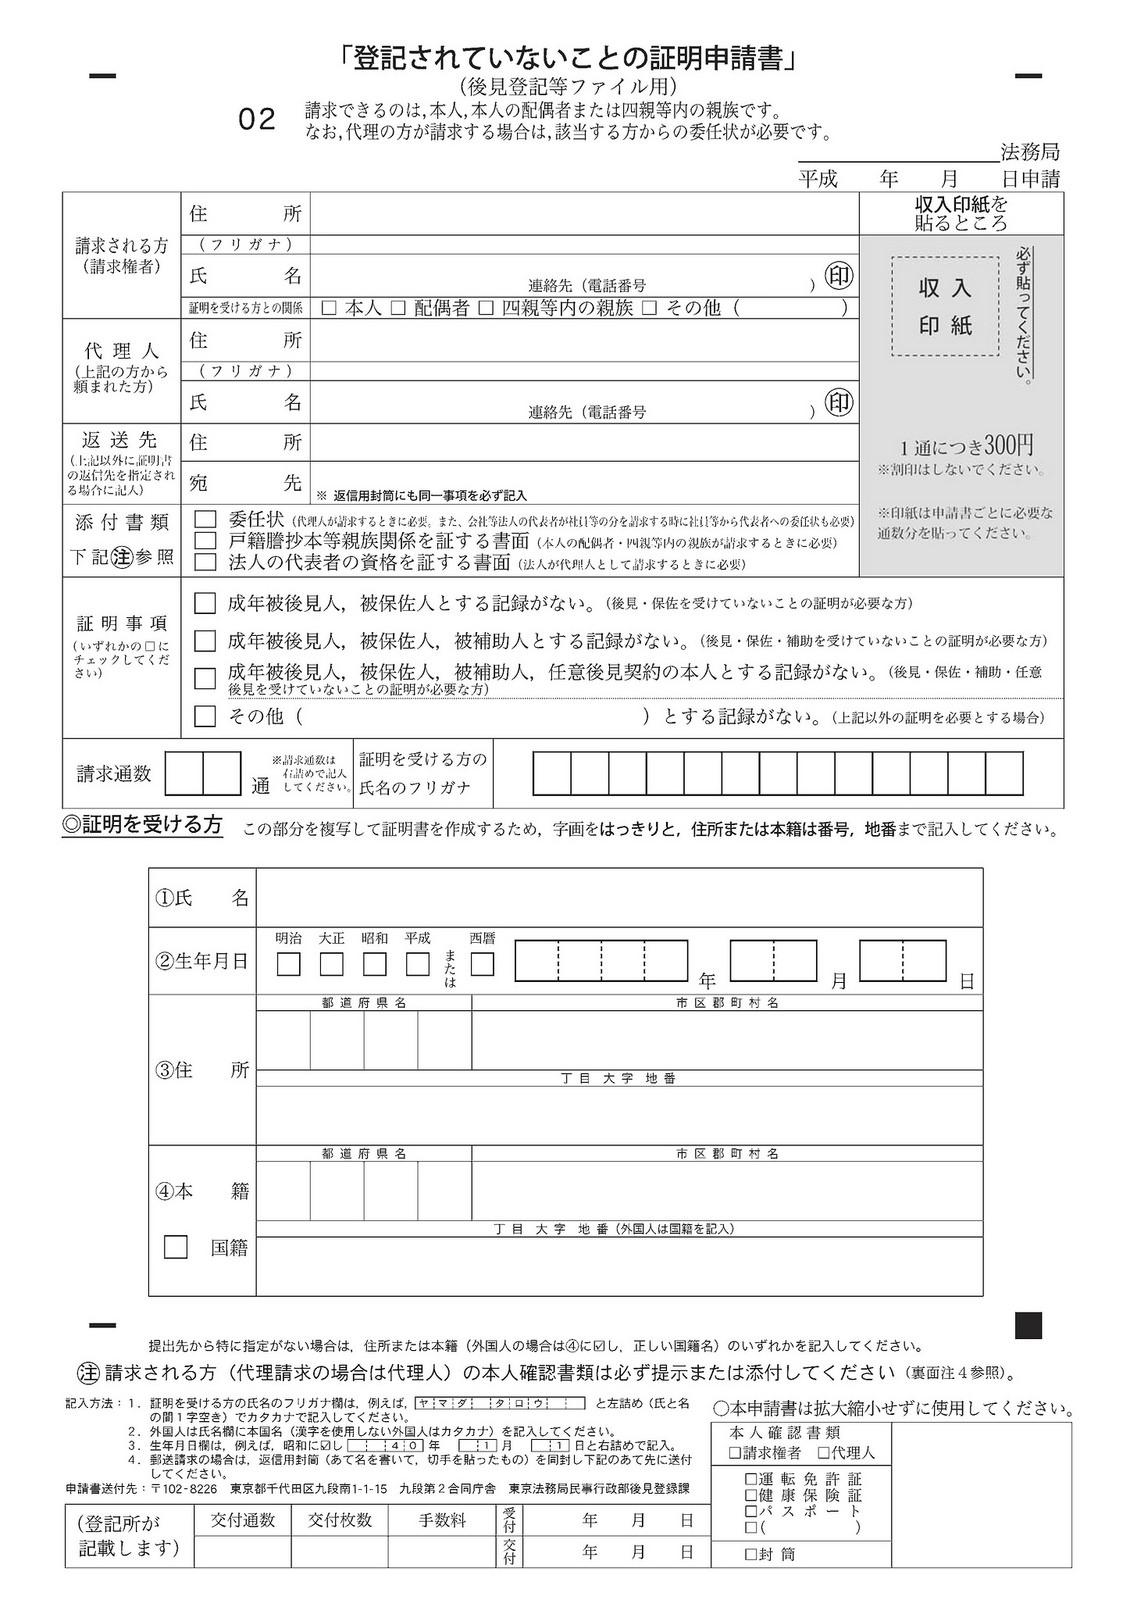 薬剤師国家試験免許申請 登記されていないことの証明書